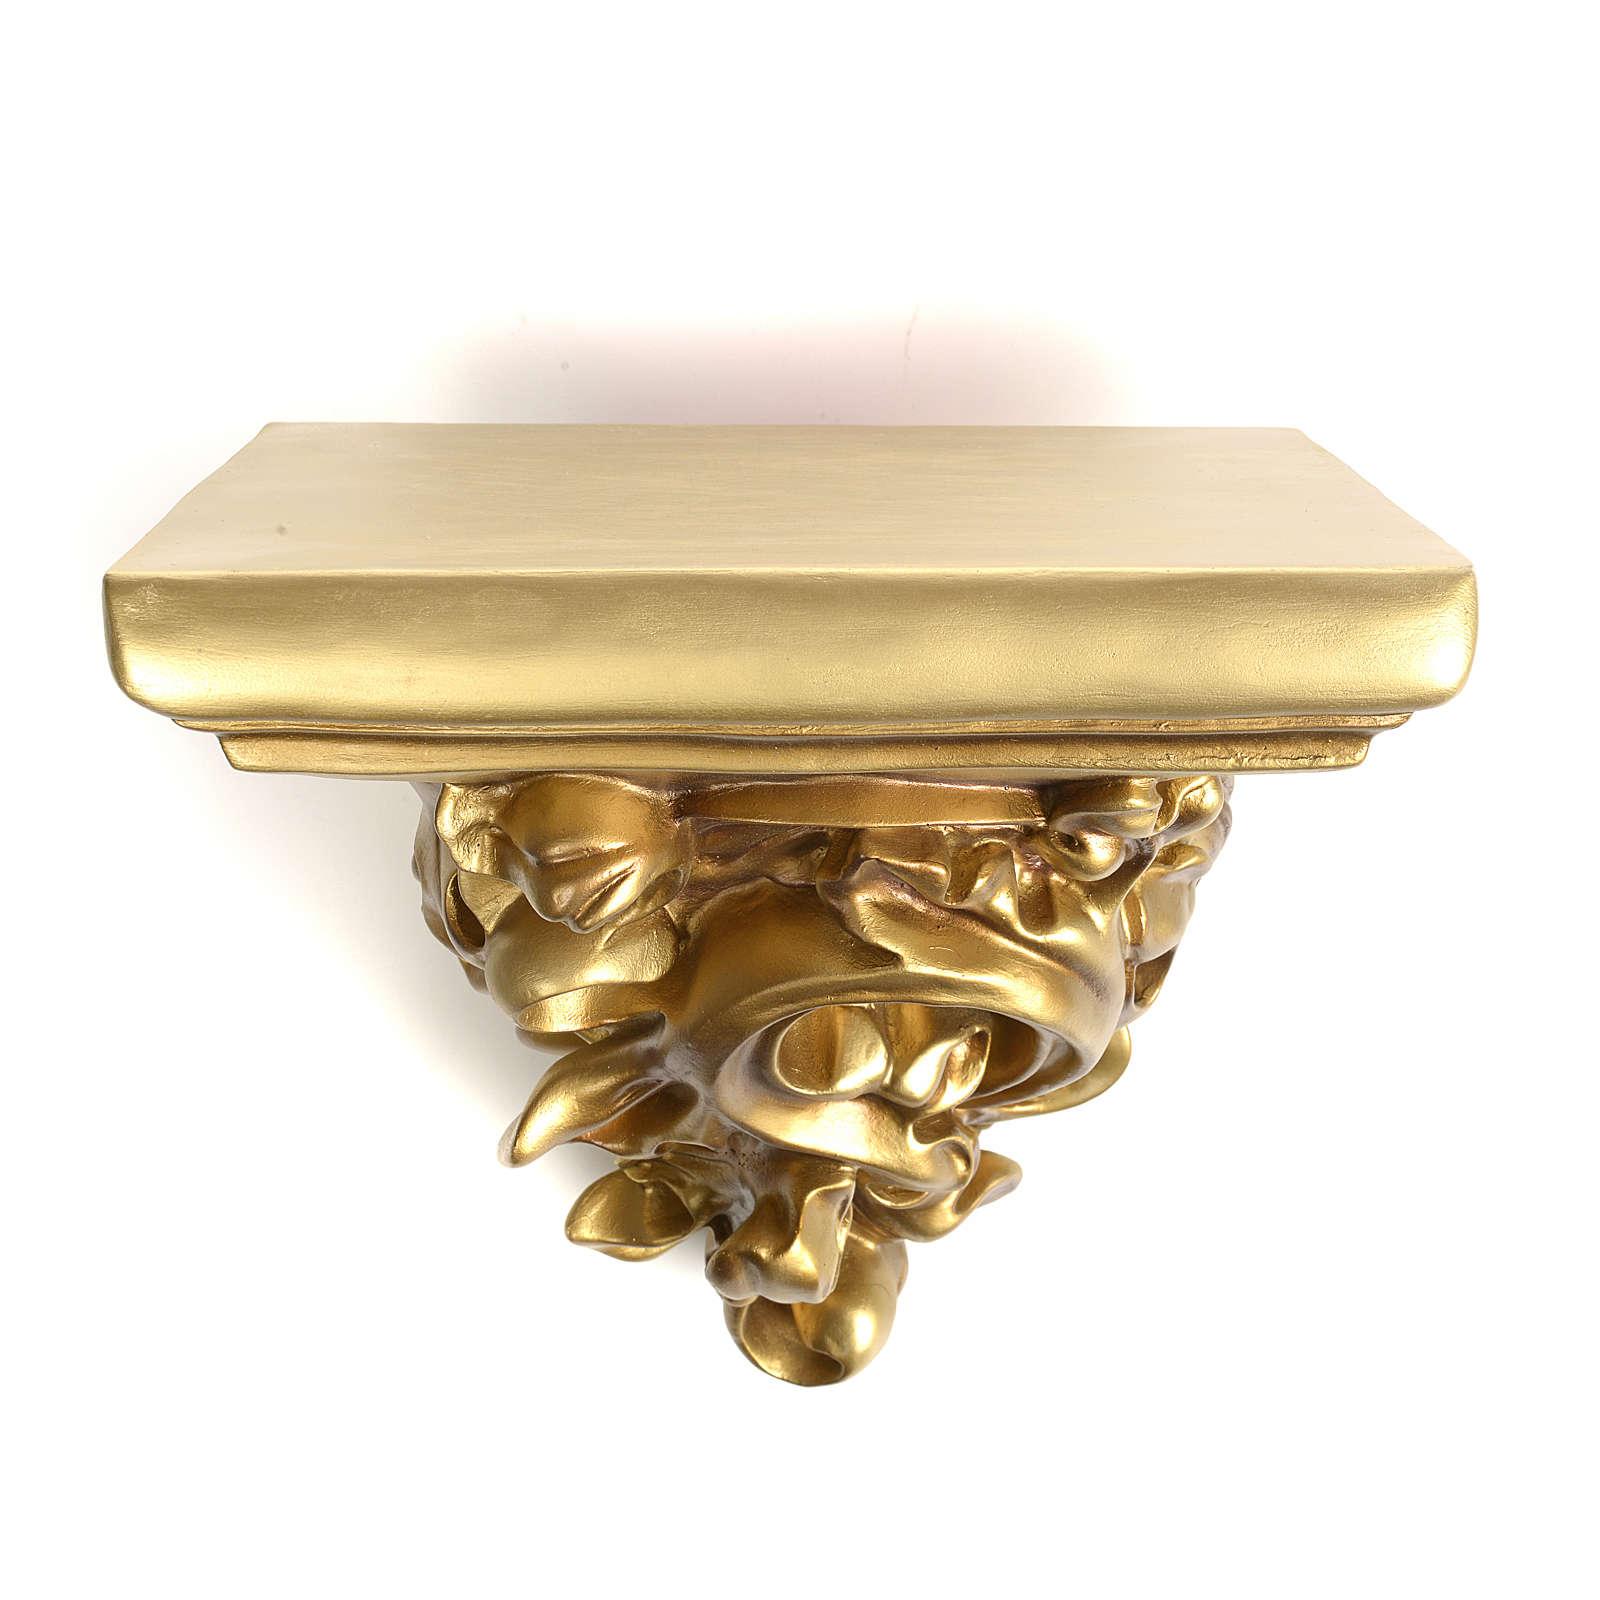 Mensola in pasta di legno per statue h 17 cm fin. dorata 4